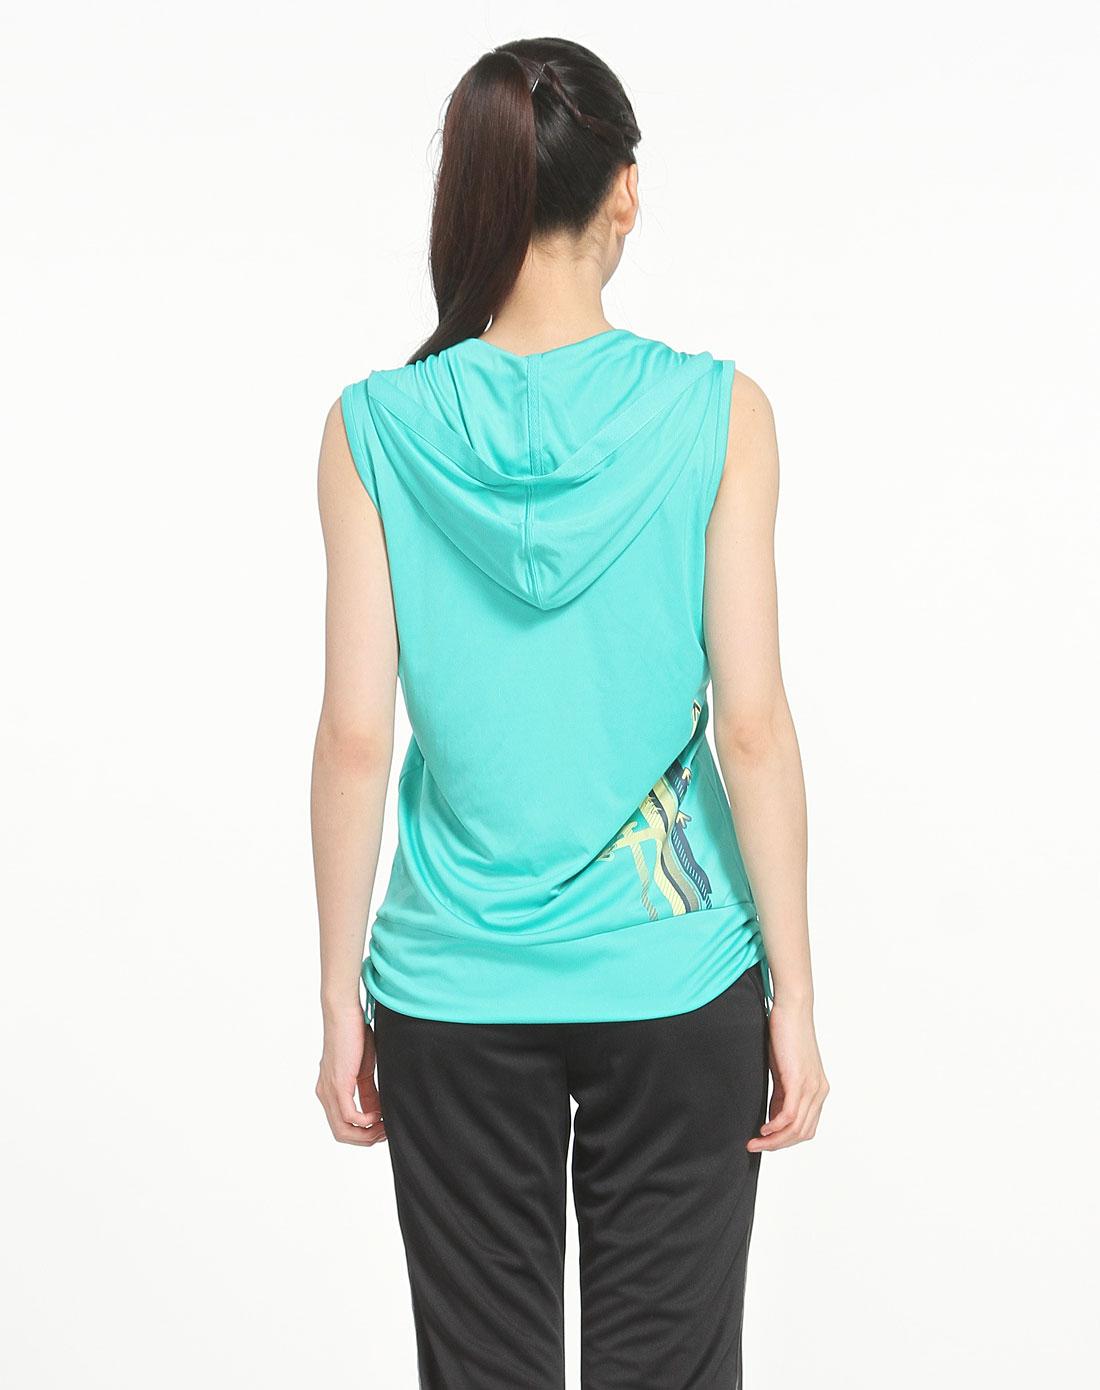 商品名称:女款绿色背心     备注:无配件     材质